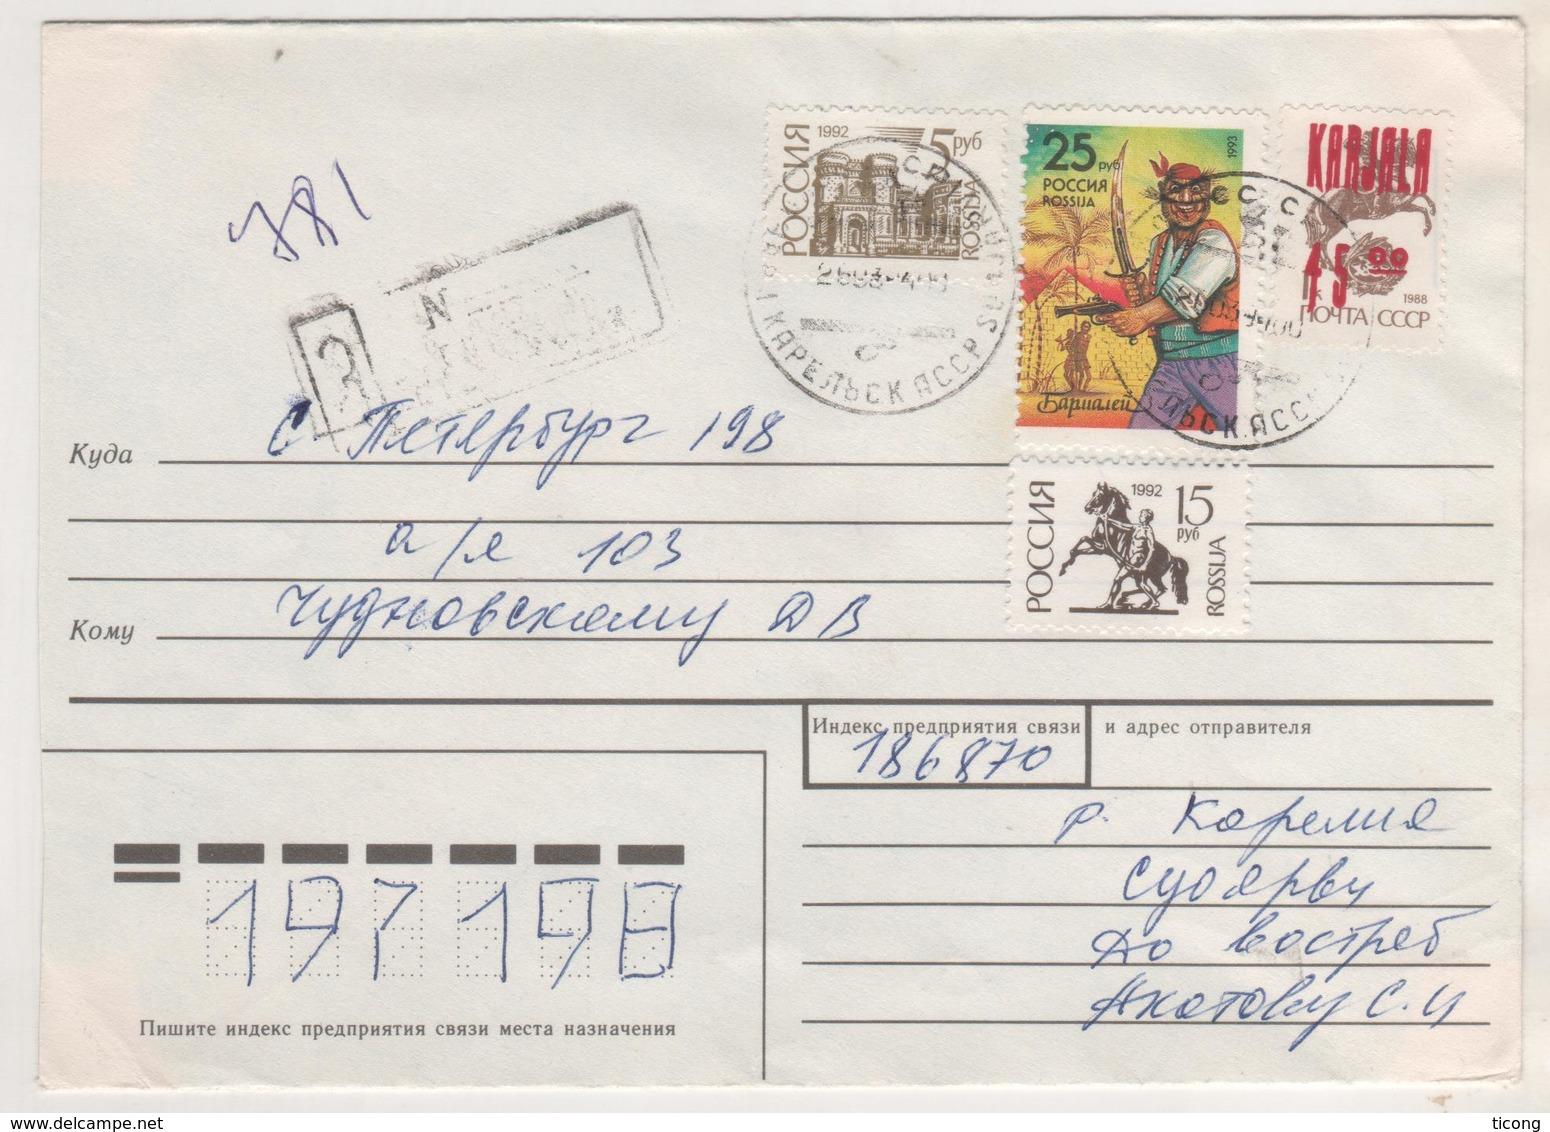 RUSSIE 1993 - LETTRE AVEC 1ERE EMISSION ET URSS SURCHARGE CARELIE KARJALA - VOIR LES SCANNERS - Errors & Oddities